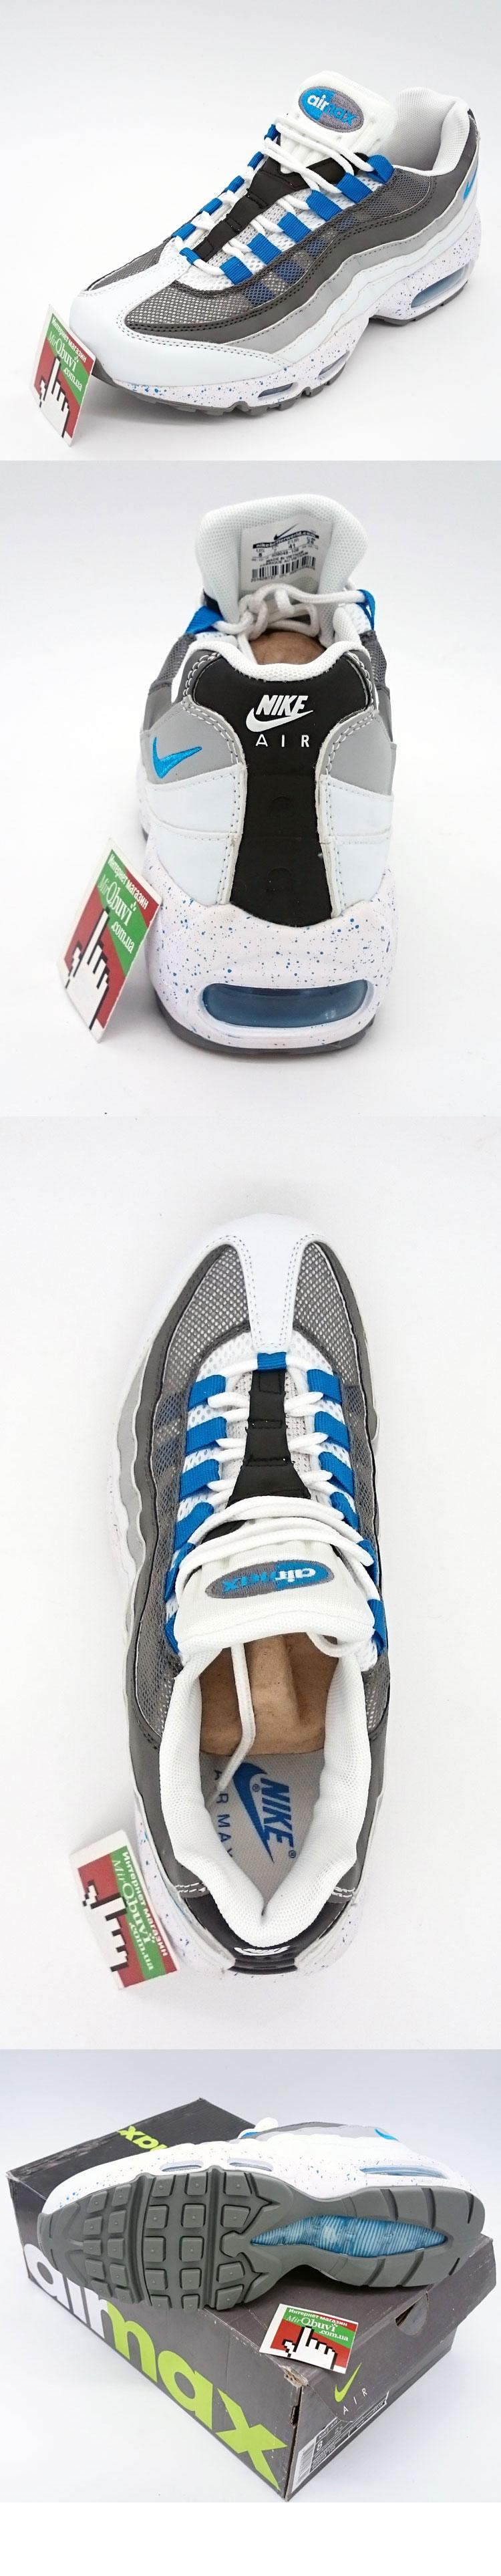 большое фото №5 Мужские кроссовки Nike air max 95 бело синие в крапинку. ТОП КАЧЕСТВО!!!